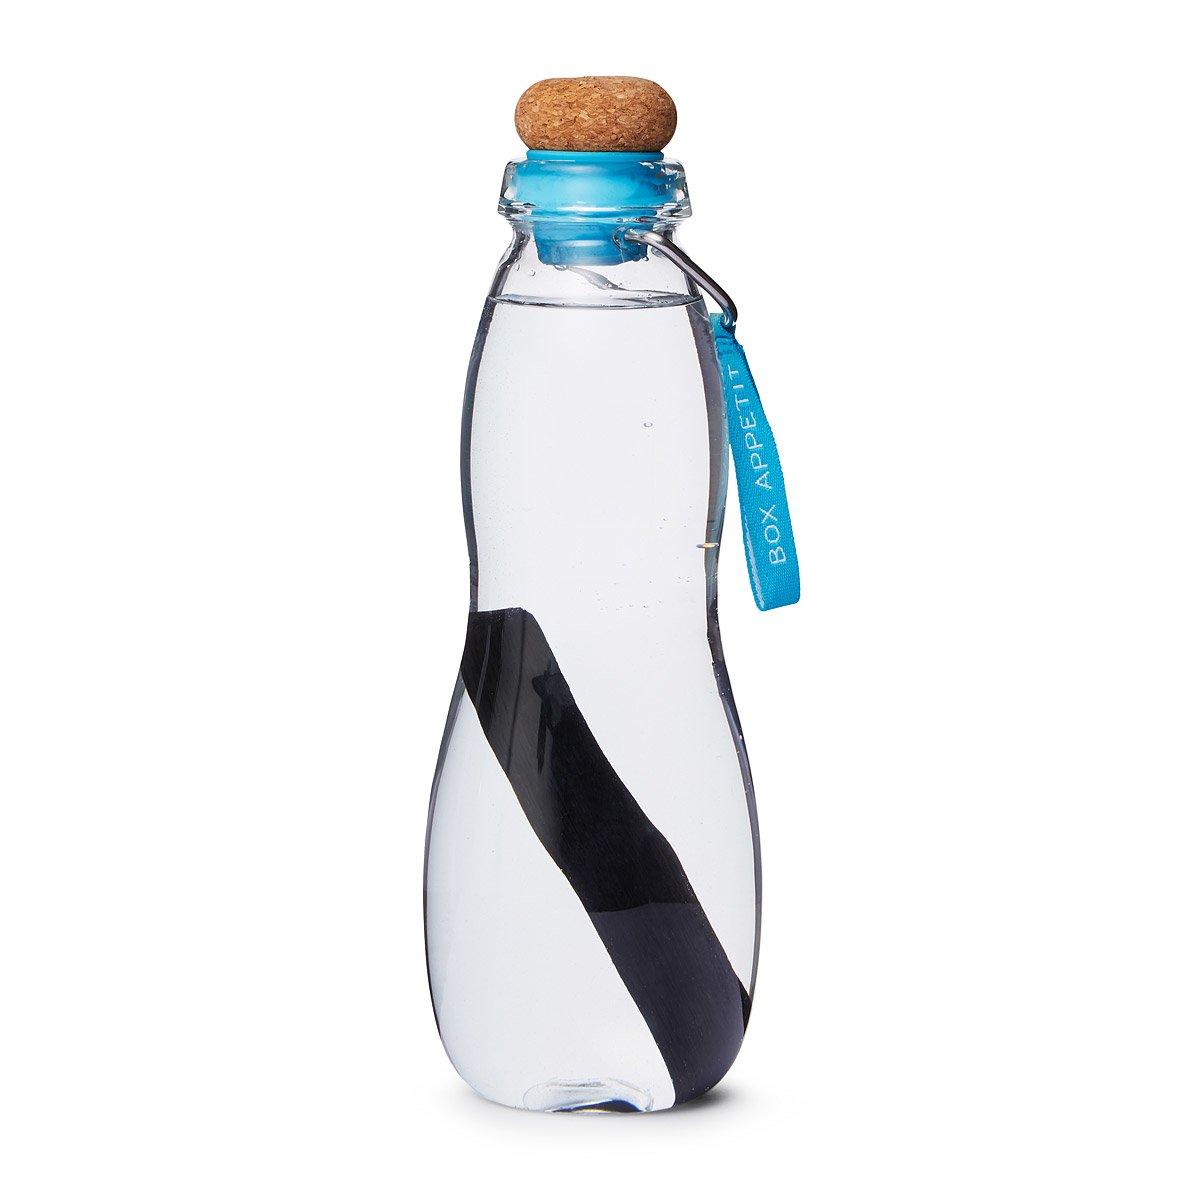 Gertuvė vandeniui su aktyvios anglies filtru BLACK + BLUM mėlyna, 1 vnt.